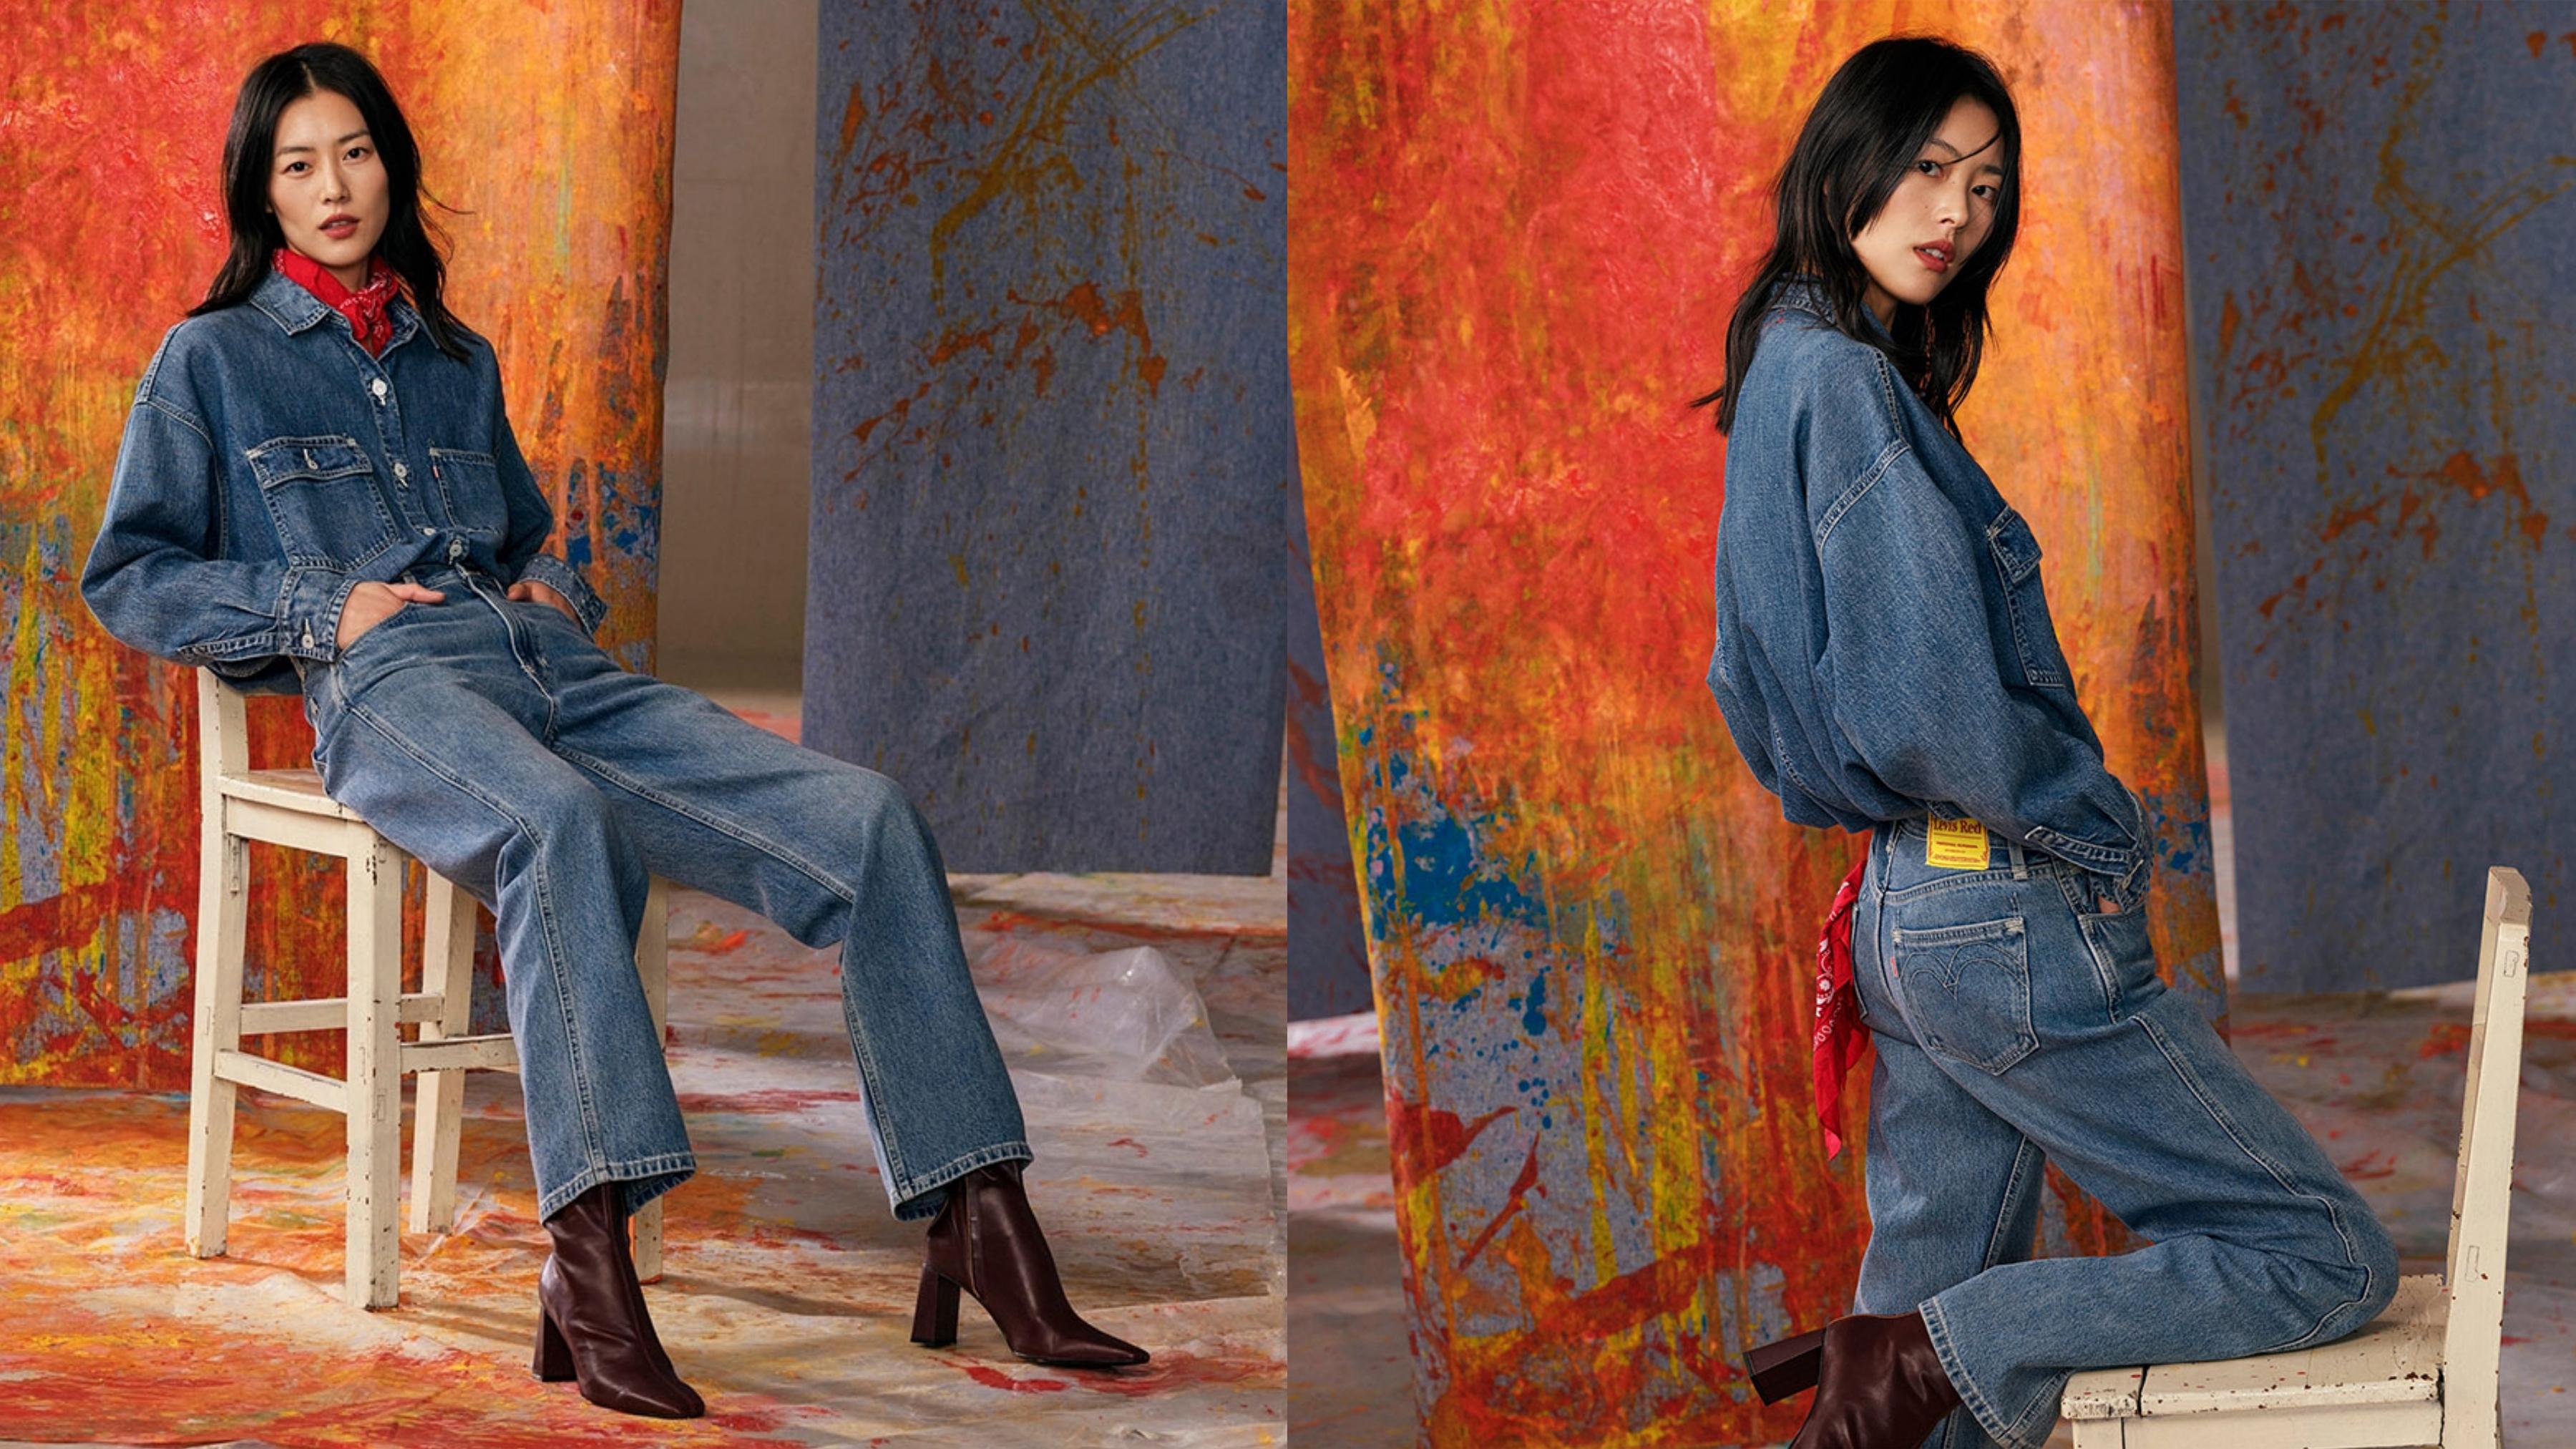 精工中藍水洗的復古中腰直筒牛仔寬褲,新舊元素設計碰撞,加上修身小心機,穿上顯瘦顯高挑